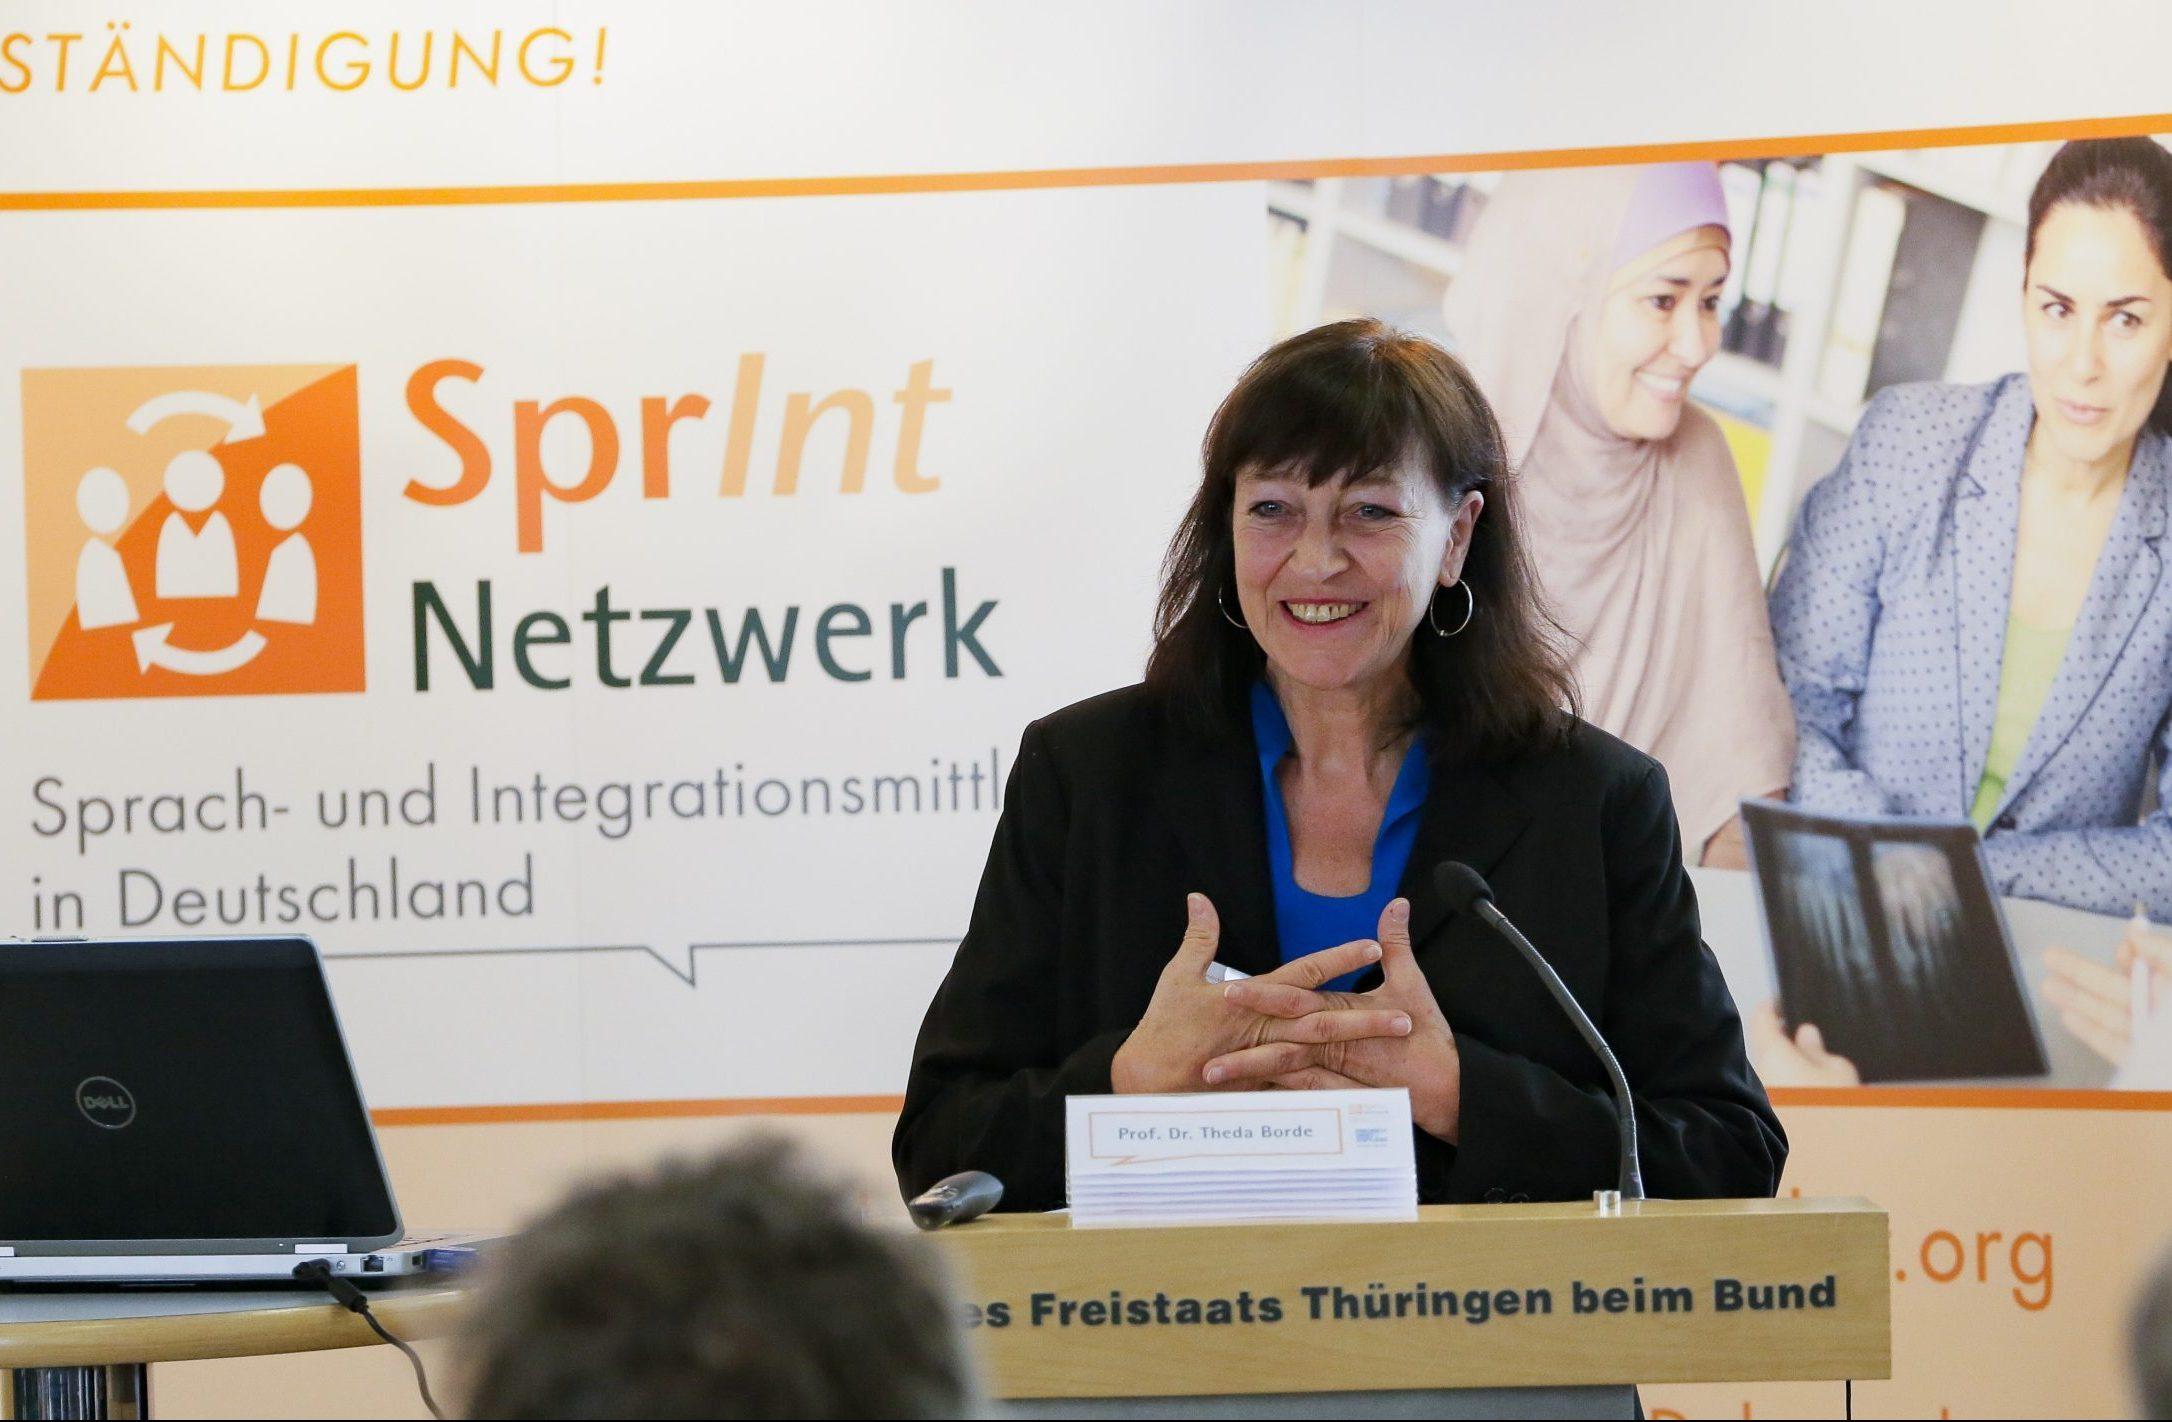 Grußwort von Prof. Dr. Theda Borde, Alice Salomon Hochschule Berlin